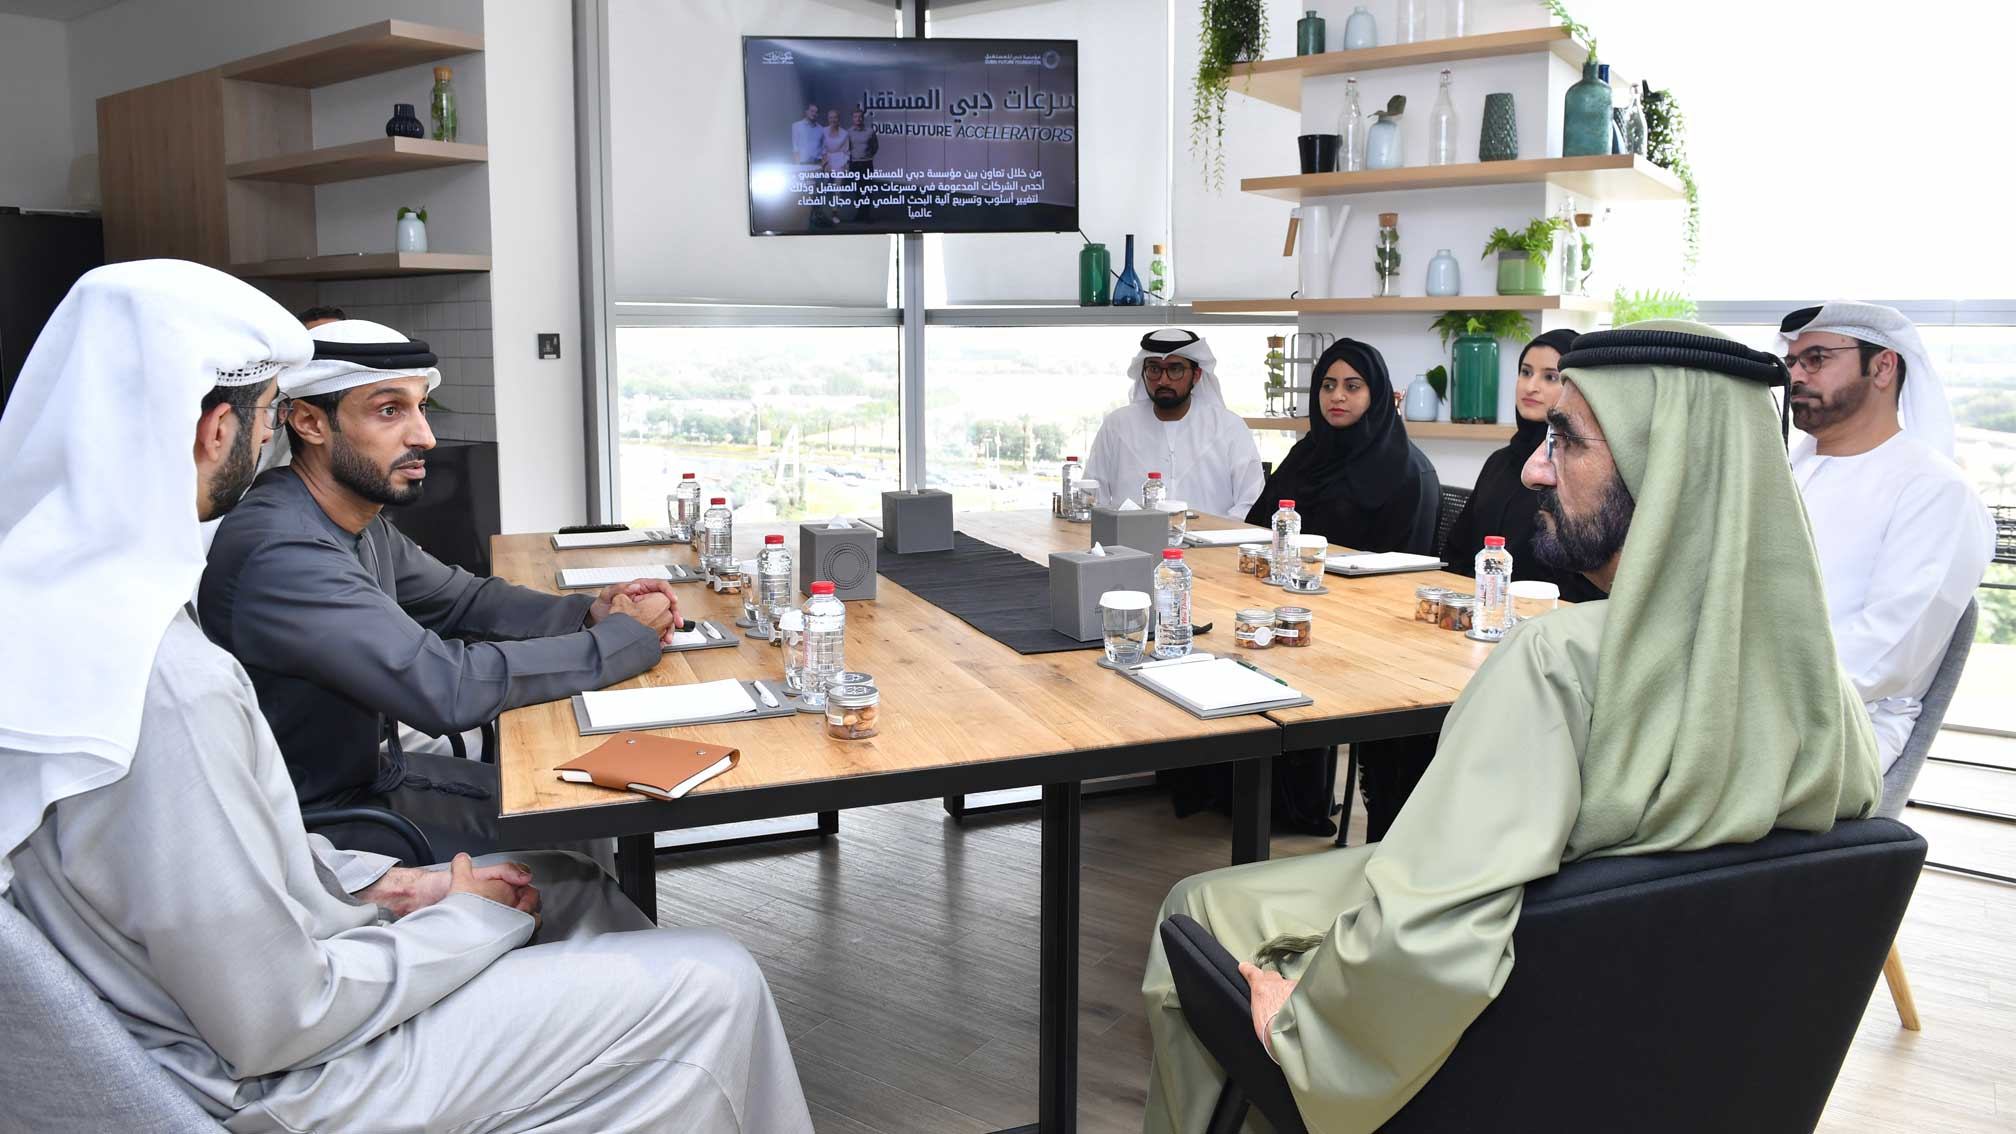 متحدہ عرب امارات، سرمایہ کار، محققین، ذہین طلبہ کیلئے طویل المیعاد ویزا نظام کی منظوری